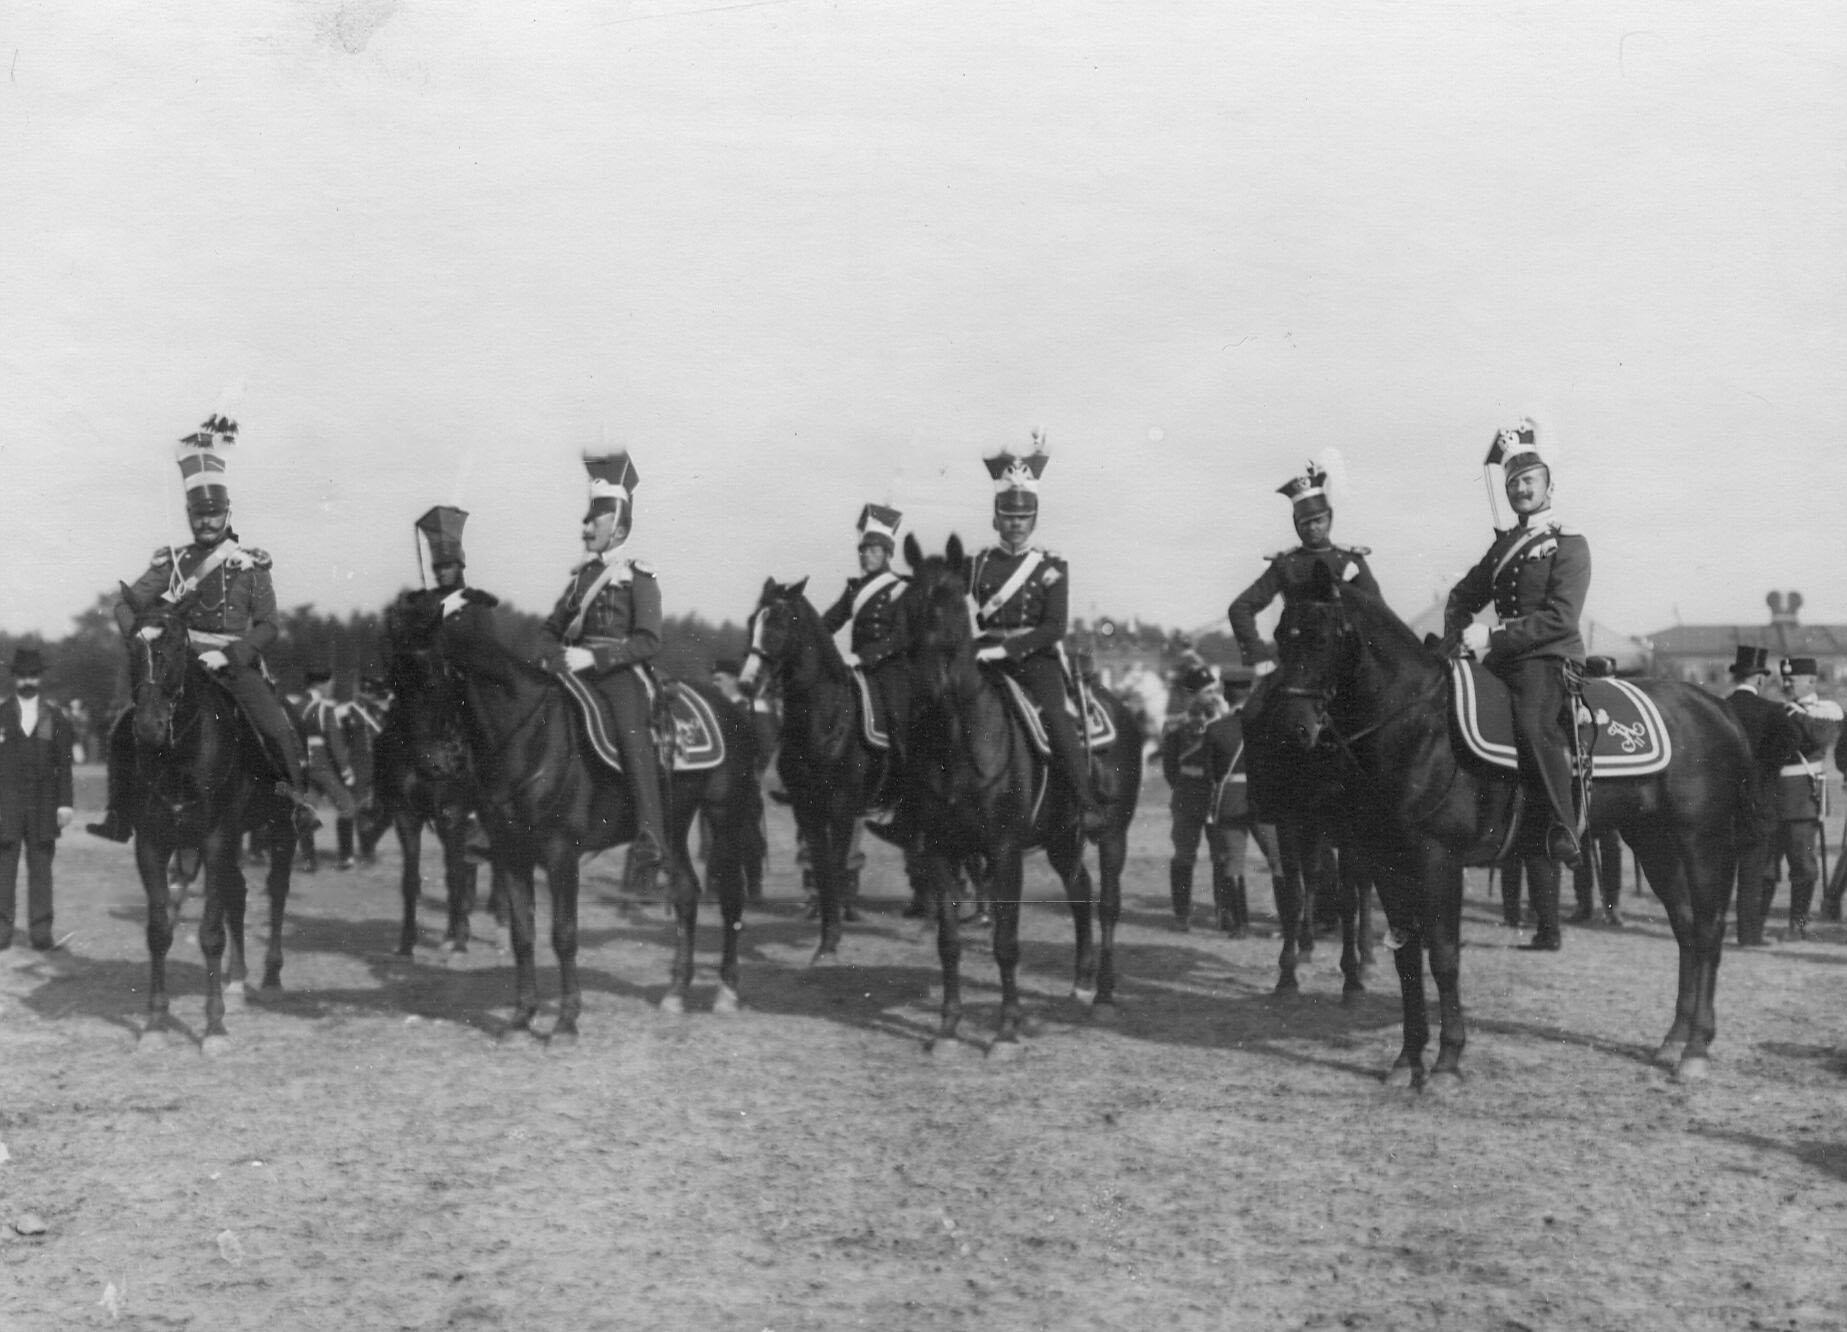 Группа конных улан в исторических формах в день празднования 250-летнего юбилея полка